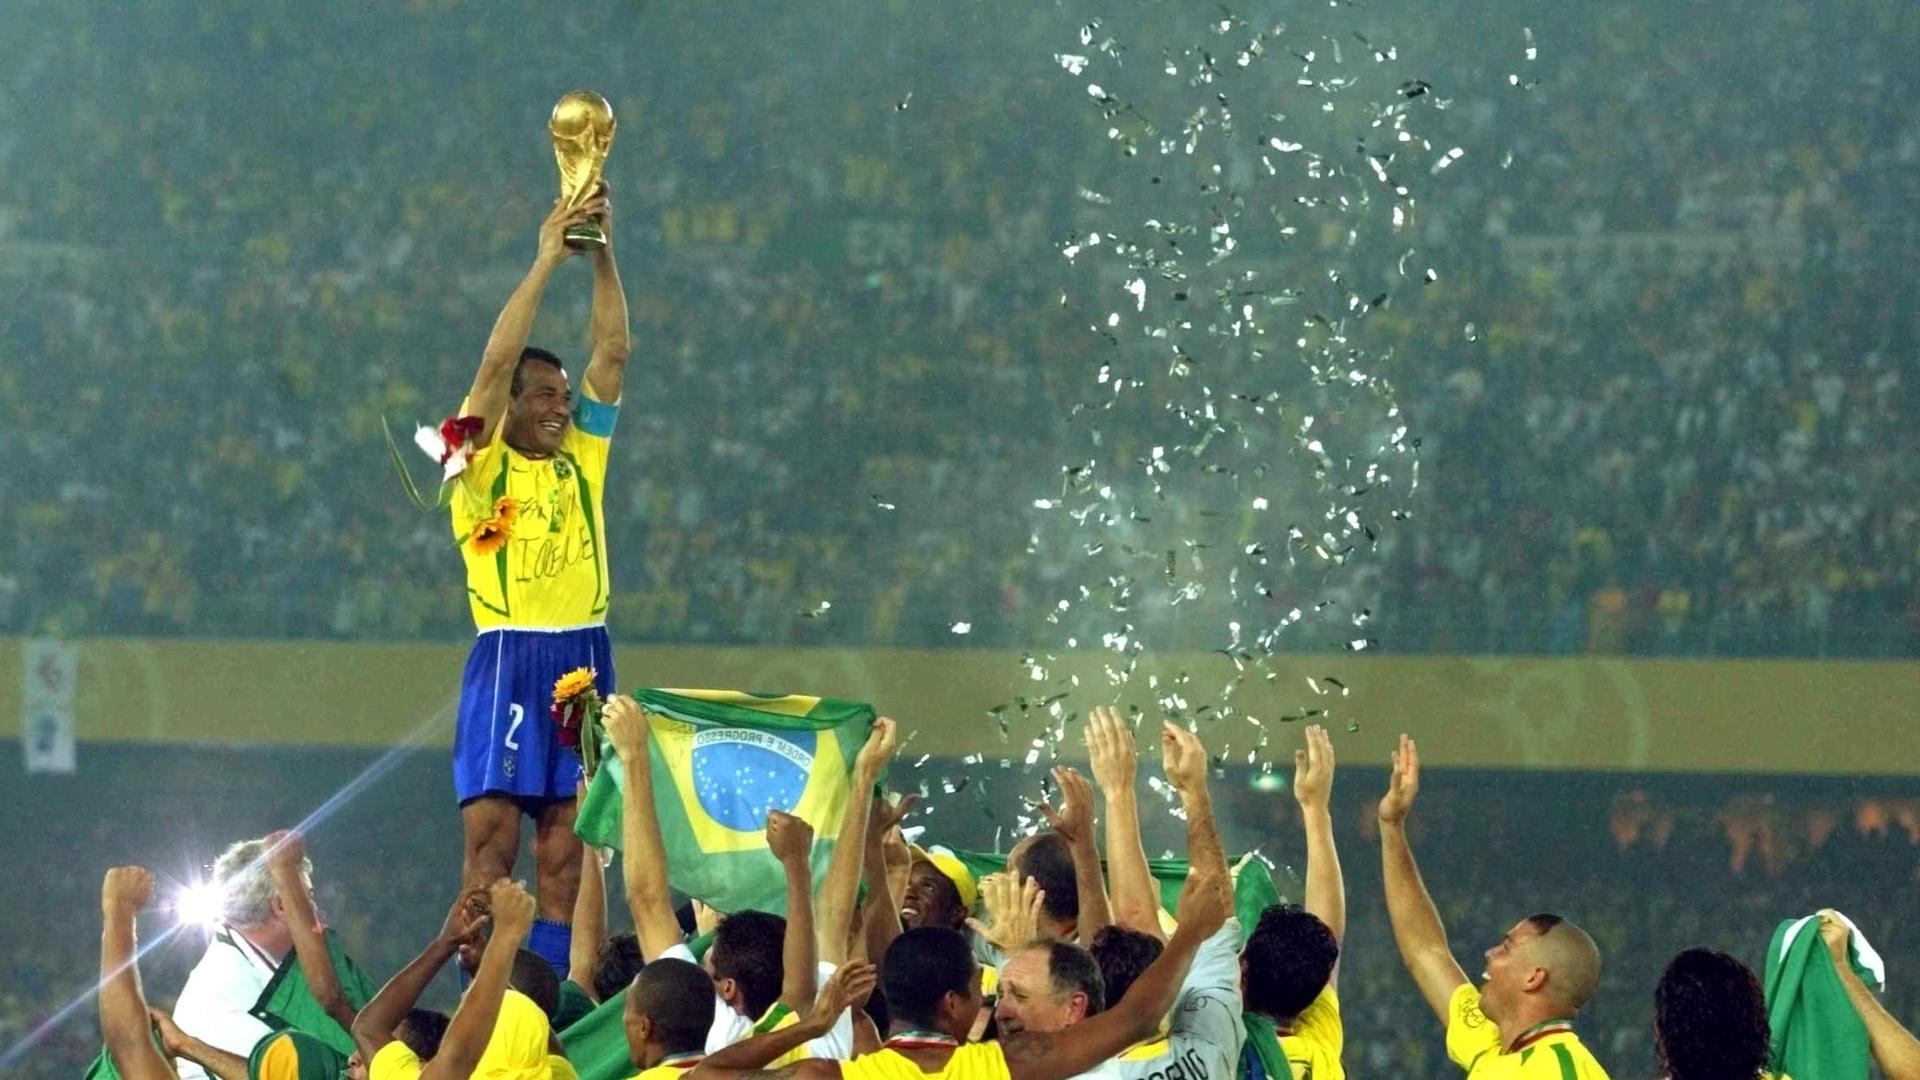 Cafu levanta a taça após o Brasil vencer a Alemanha na final da Copa de 2002